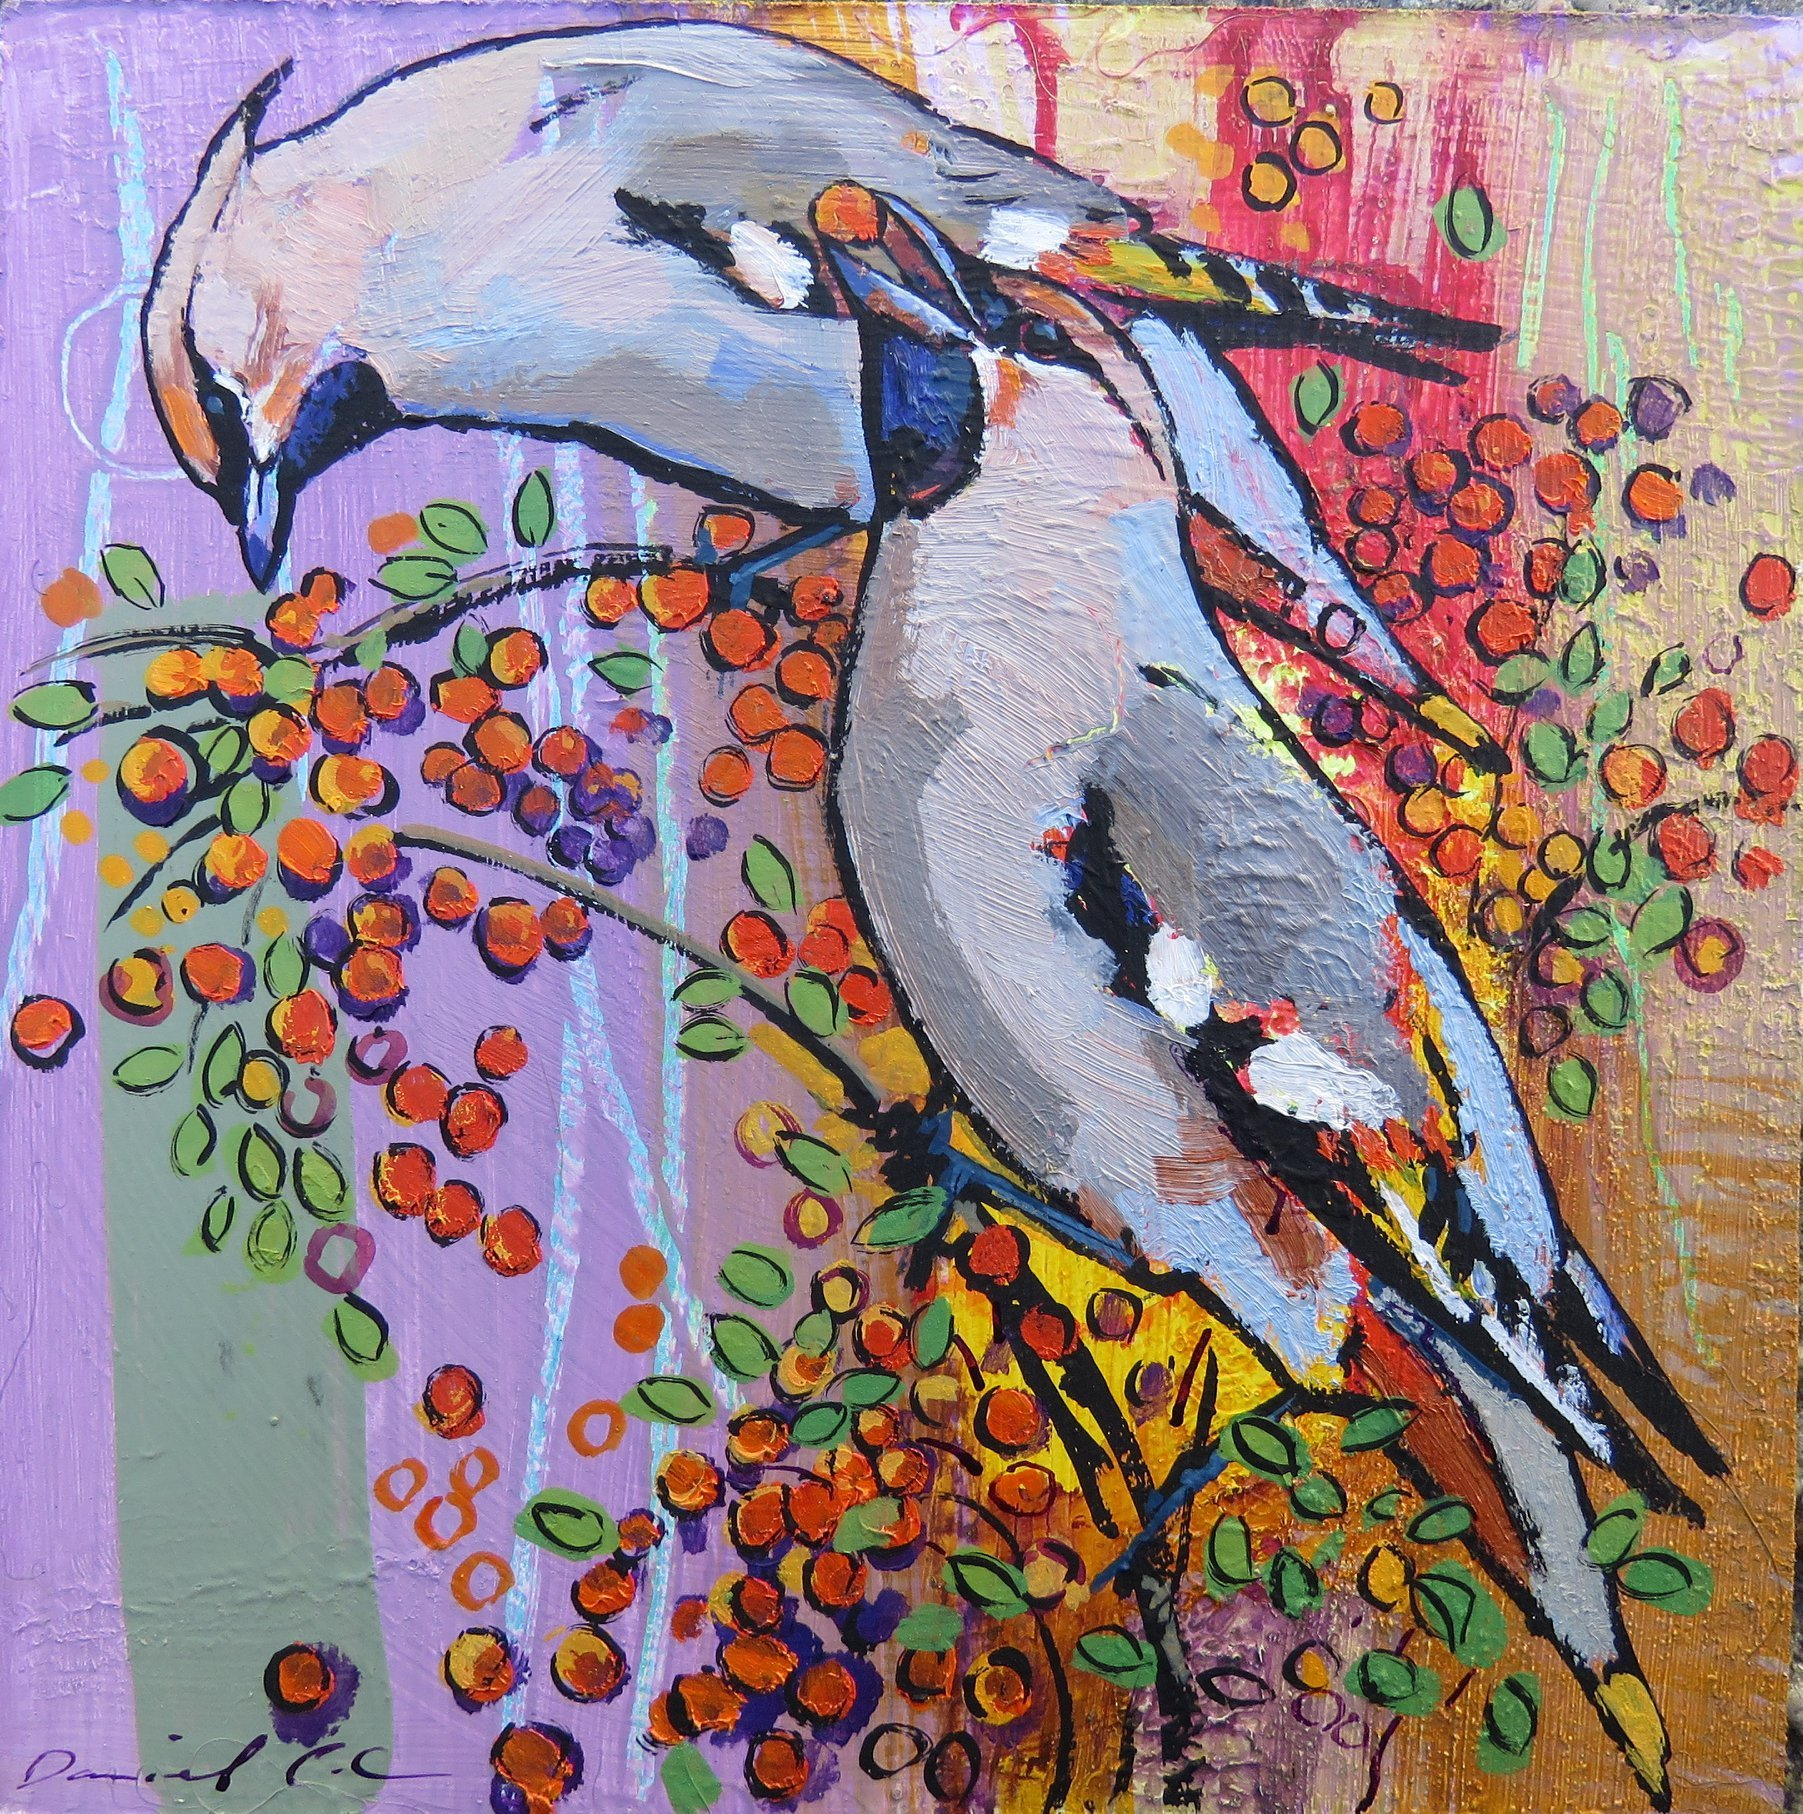 <p><em>Waxwings</em>, painting by Dan Cole</p>